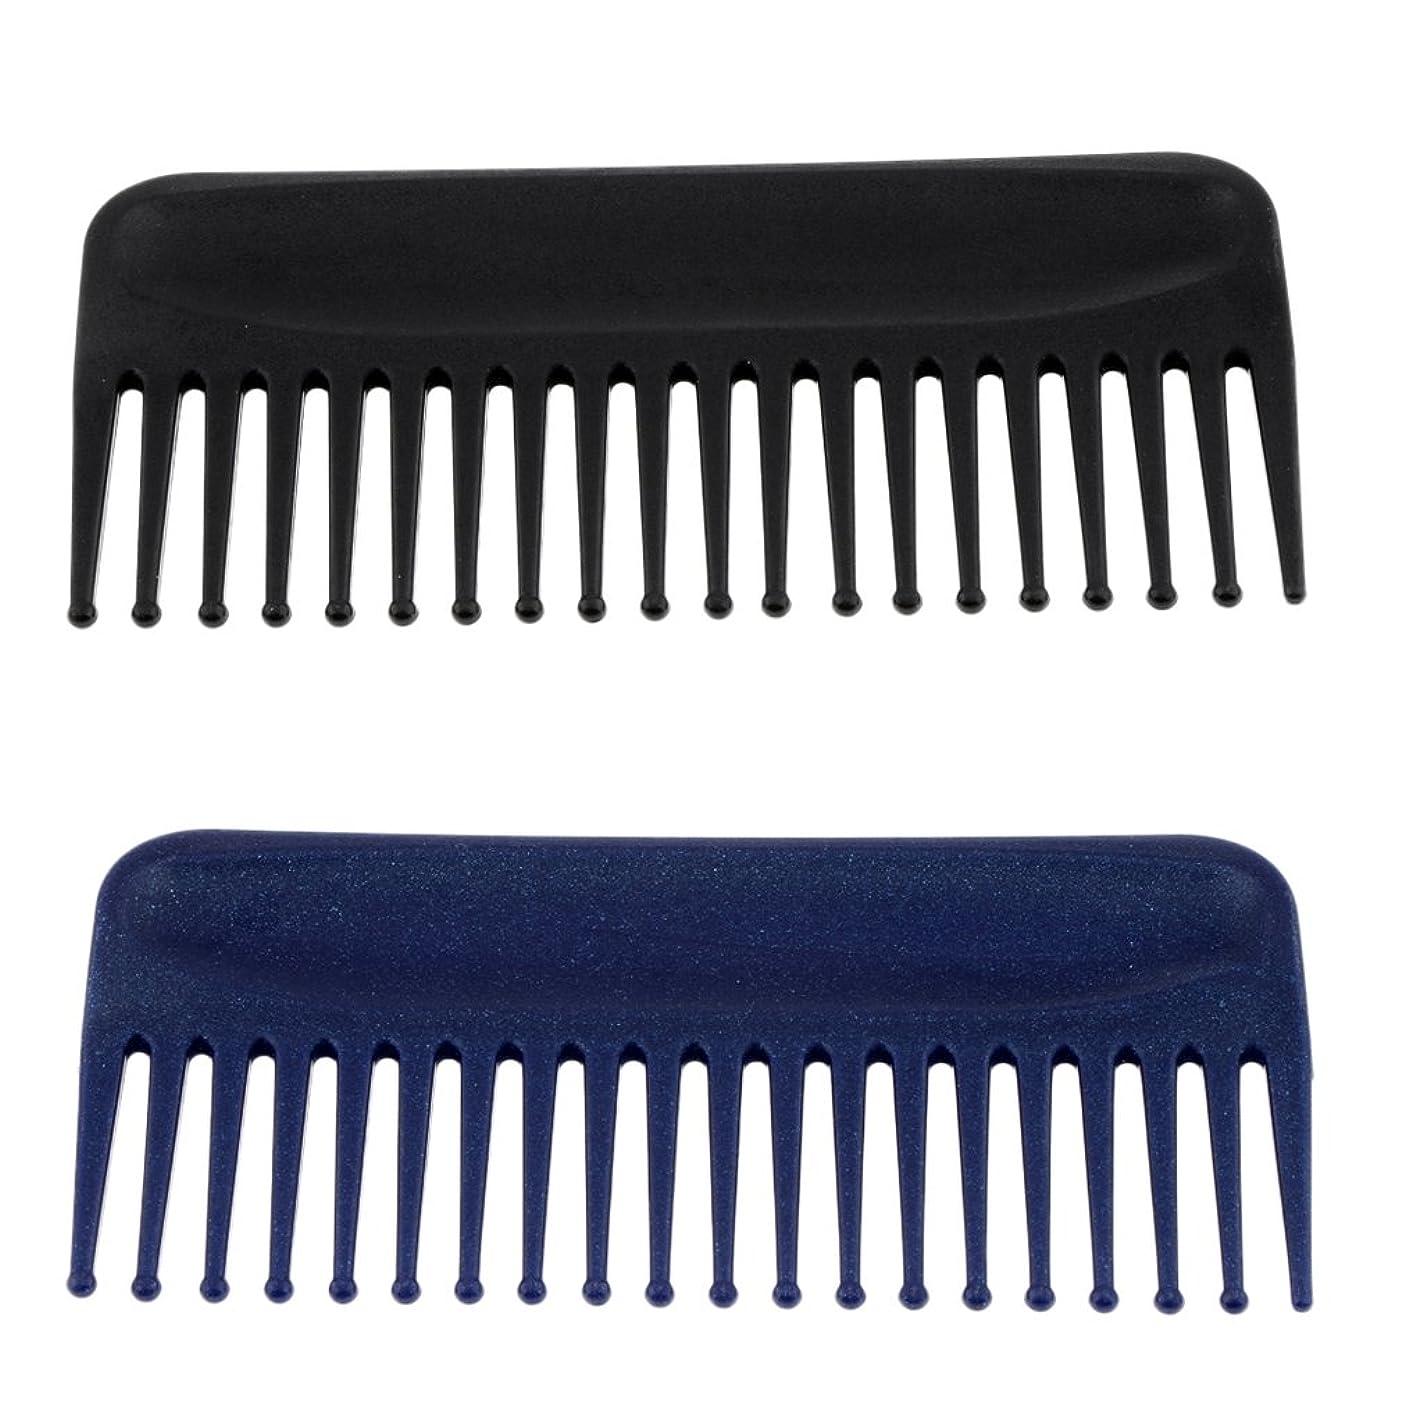 試用ピケ感動するBaosity ヘアコーム くし 櫛 ヘアブラシ  頭皮マッサージ 静電気防止 美髪ケア 快適 プラスチック製 2個